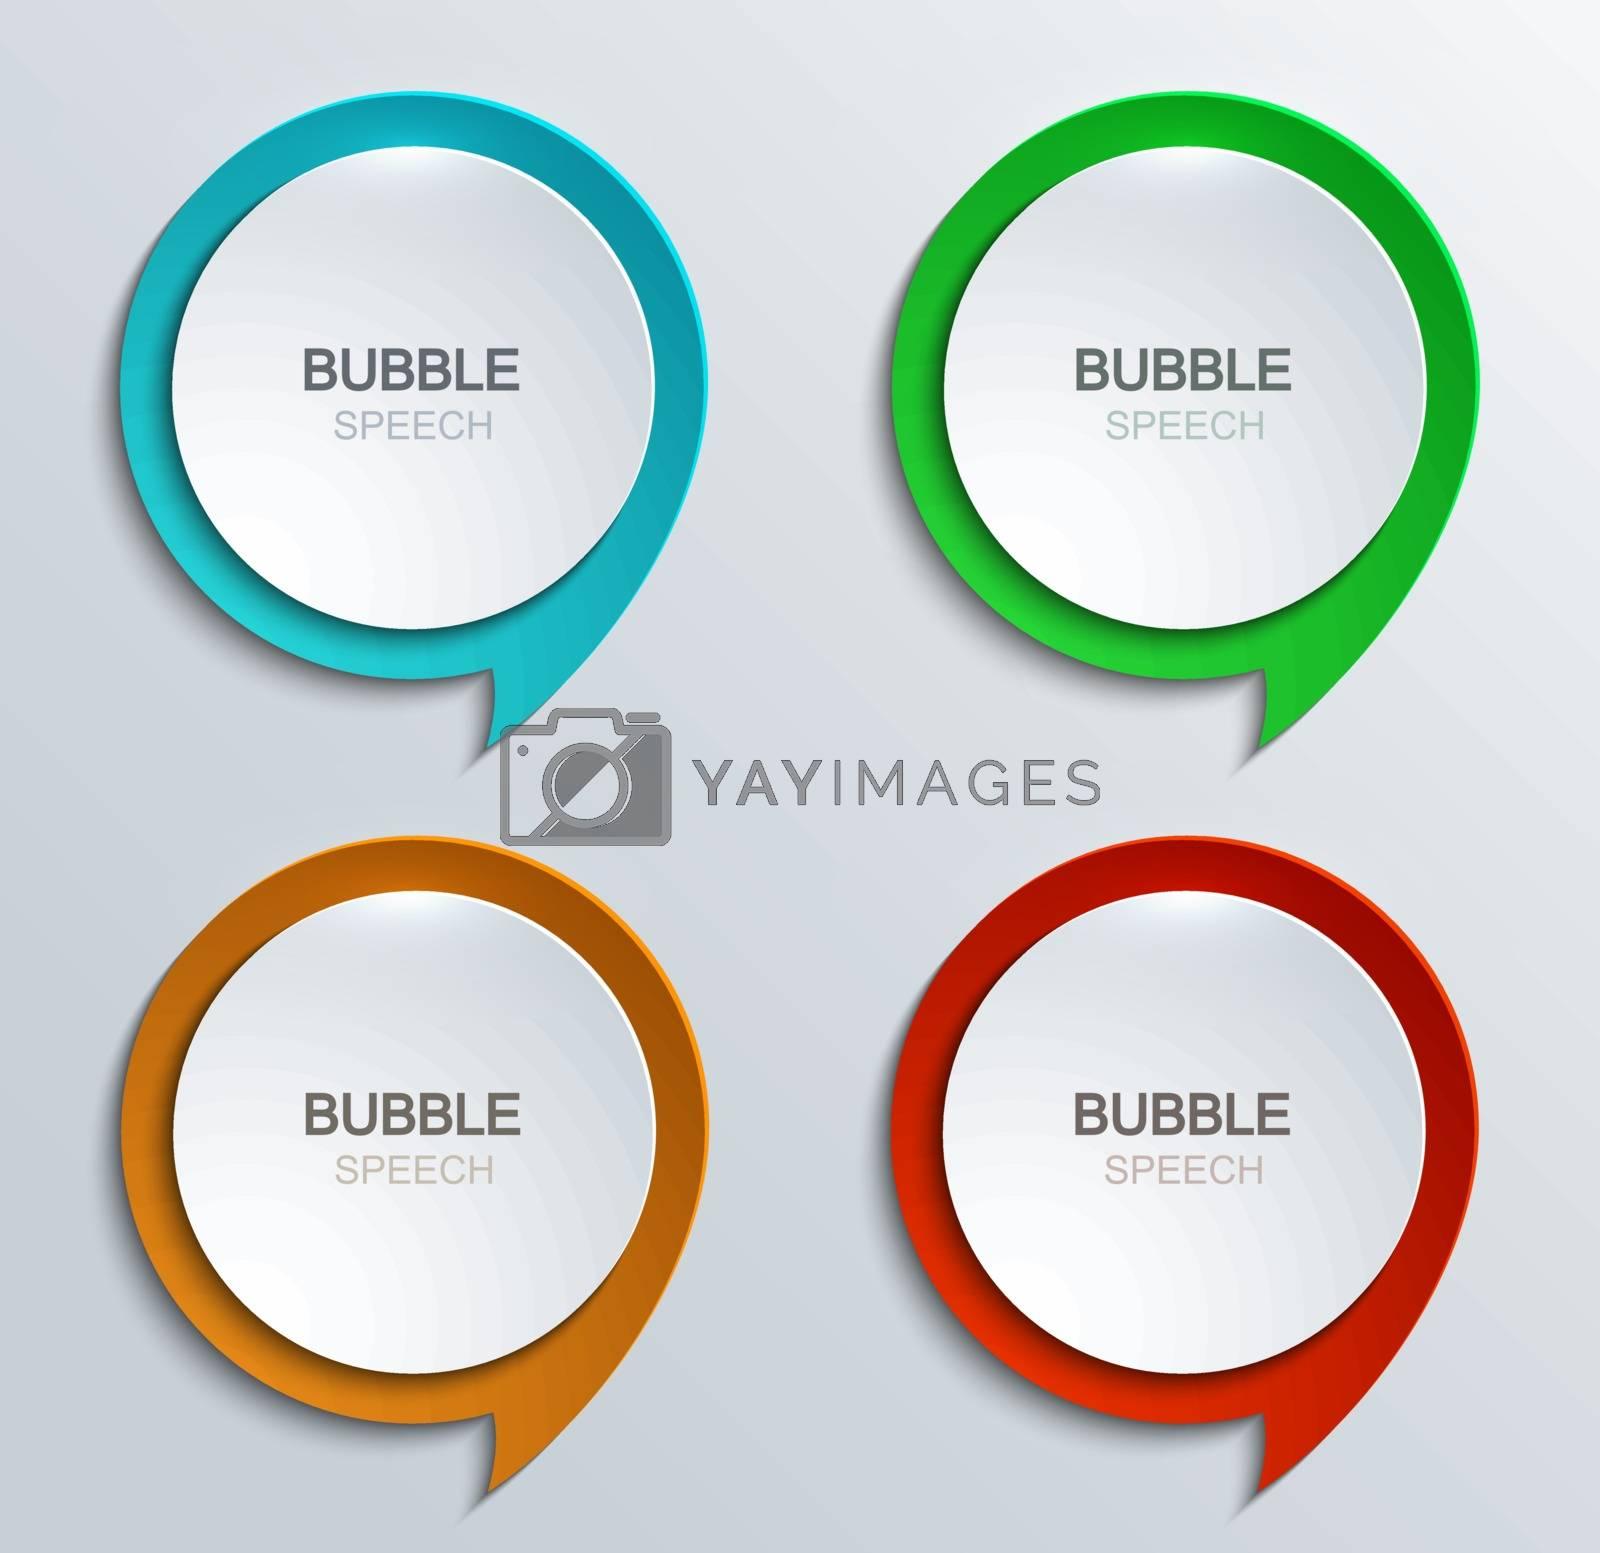 Speech bubbles by kartyl